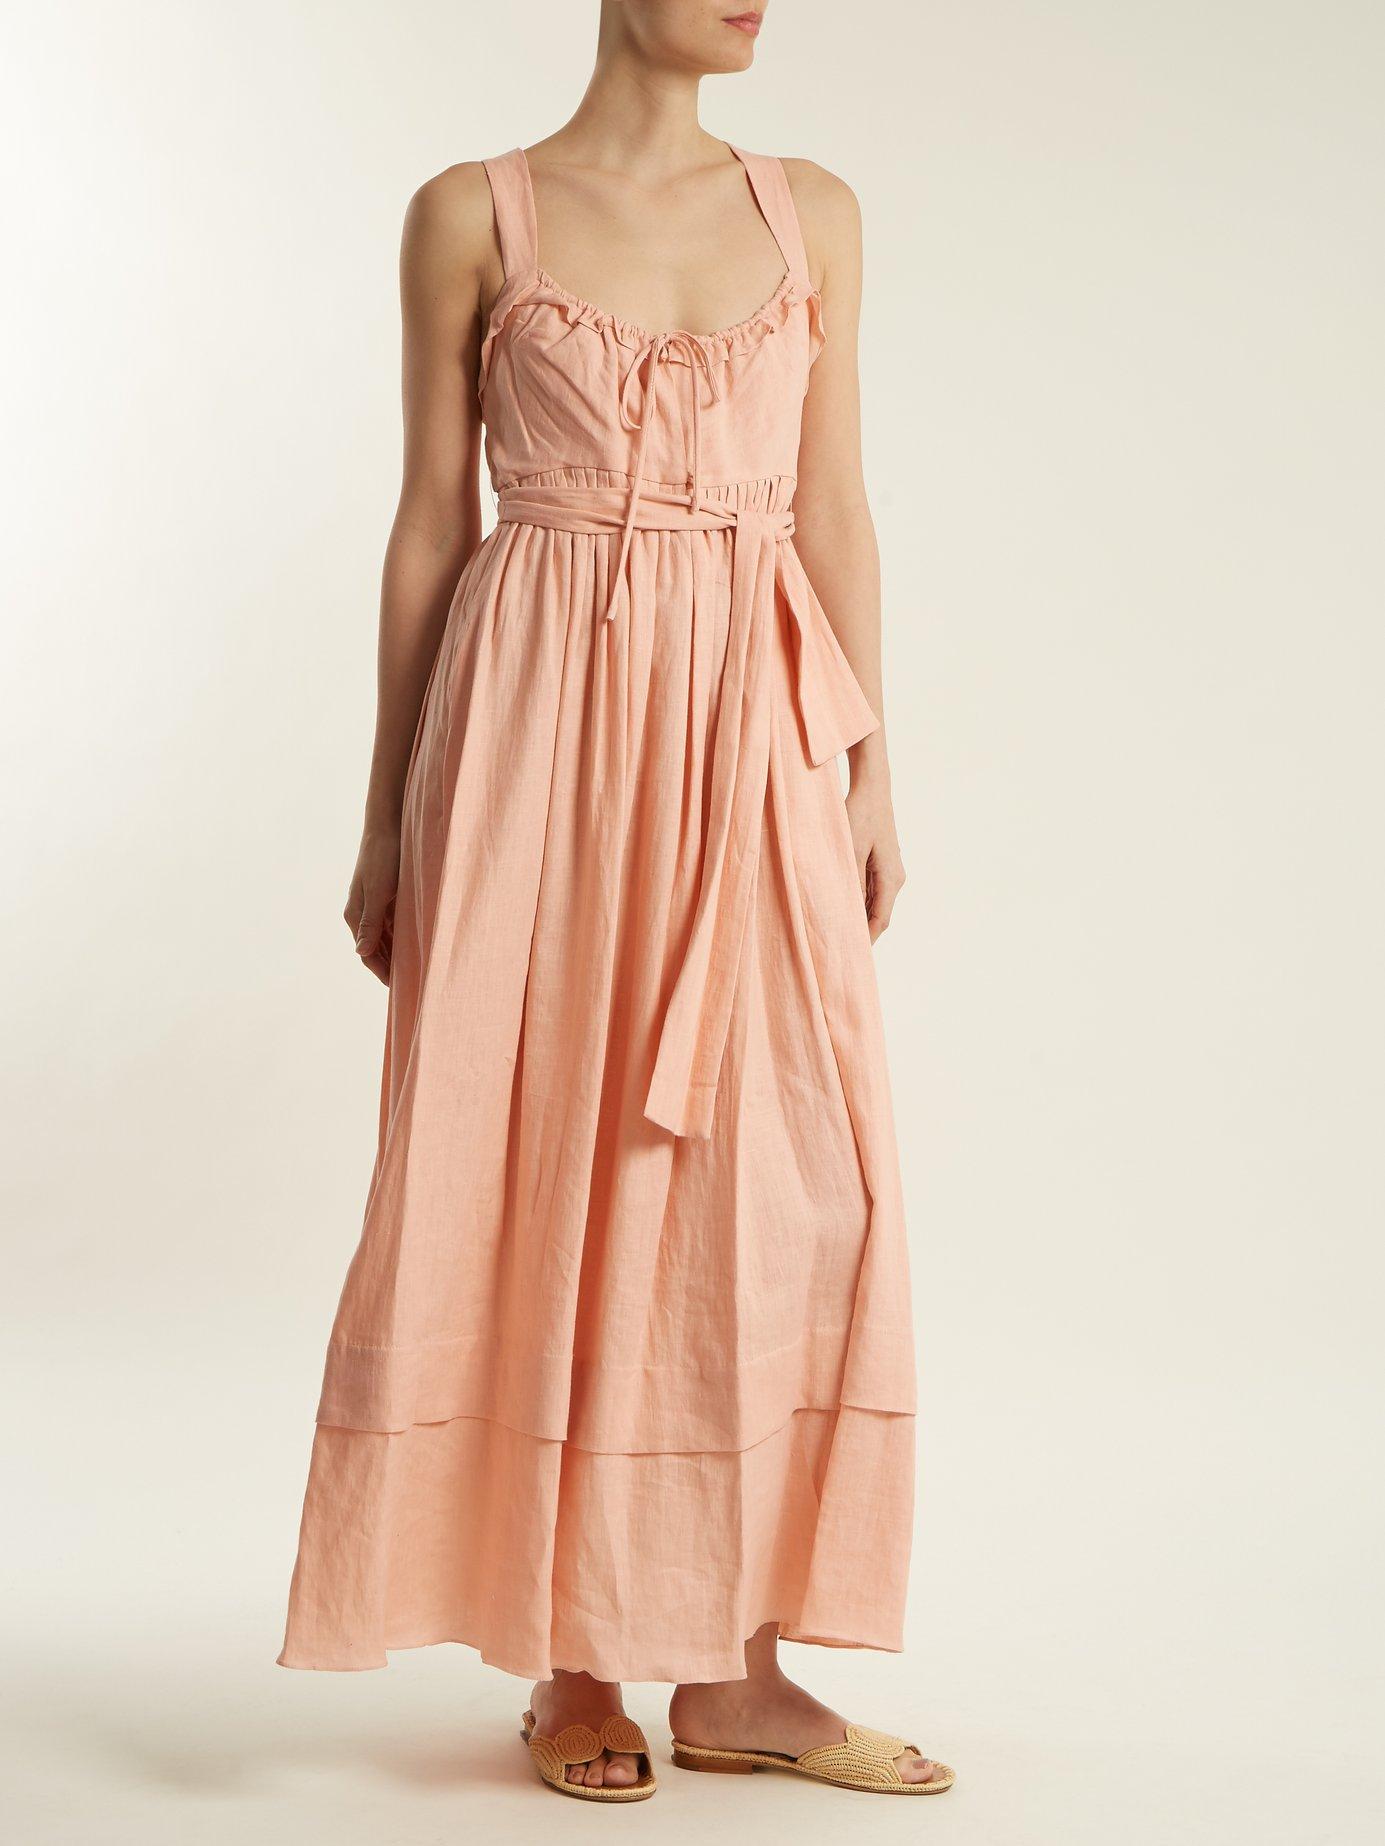 Joan tie-waist linen dress by Three Graces London